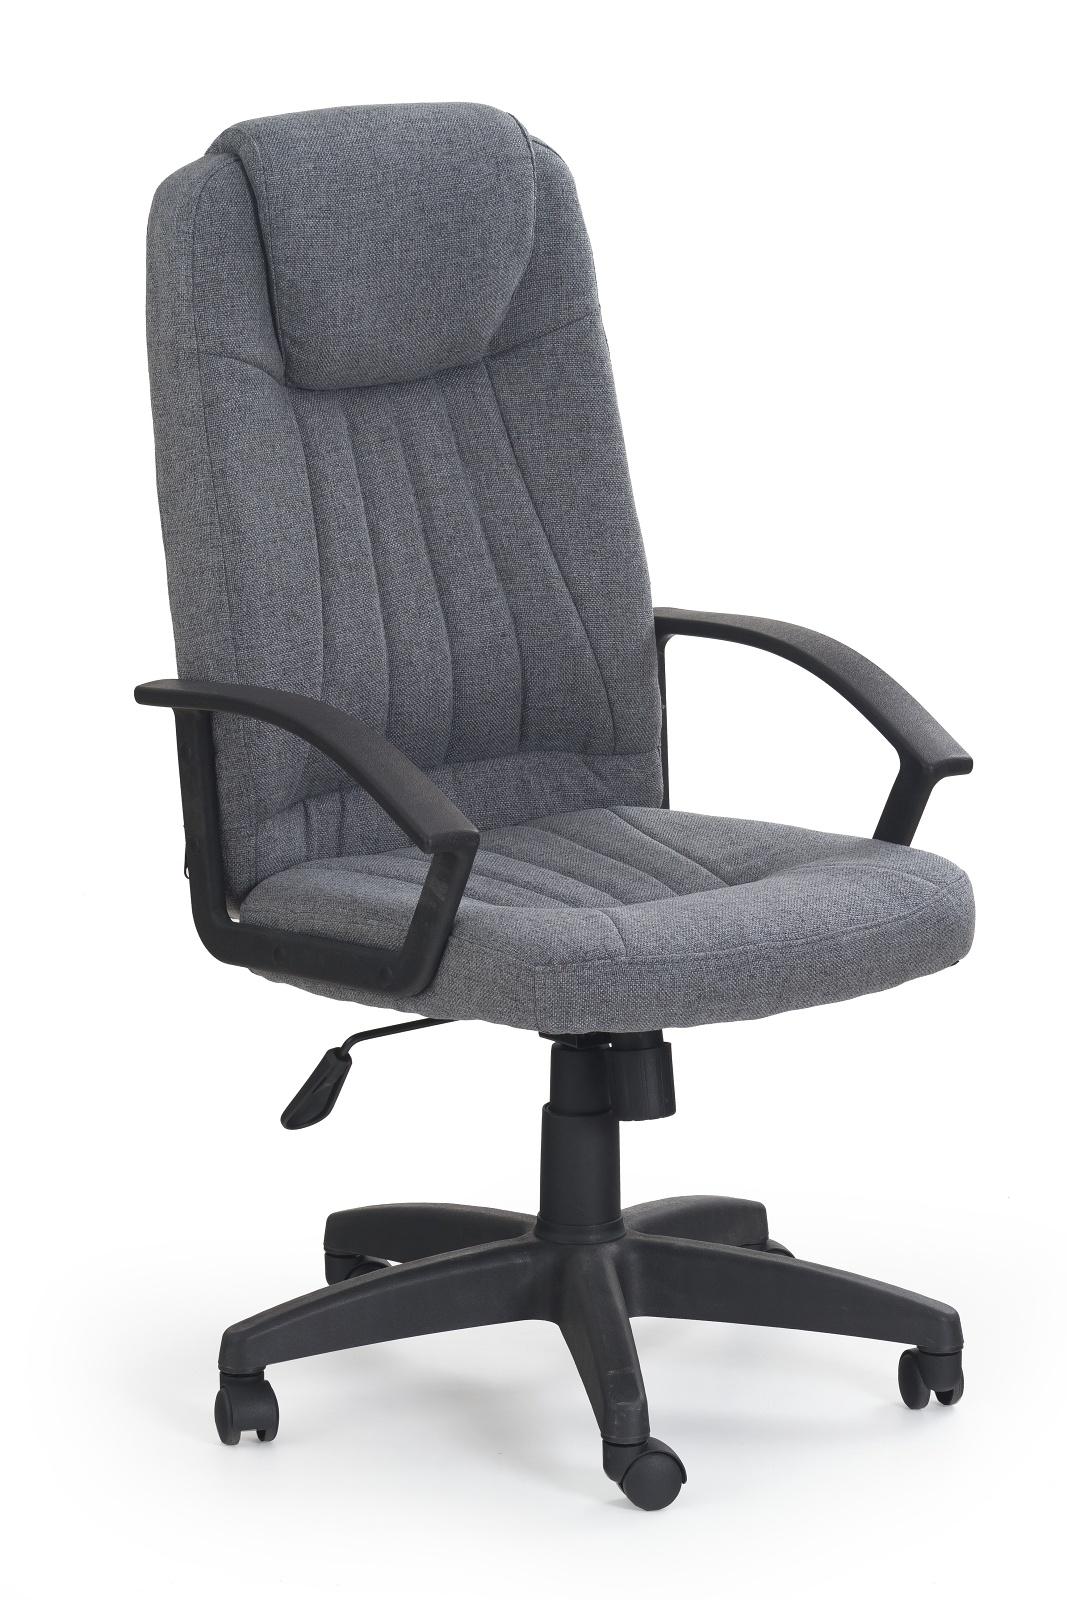 Kancelárske kreslo - Halmar - Rino šedá. Sme autorizovaný predajca Halmar. Vlastná spoľahlivá doprava až k Vám domov.